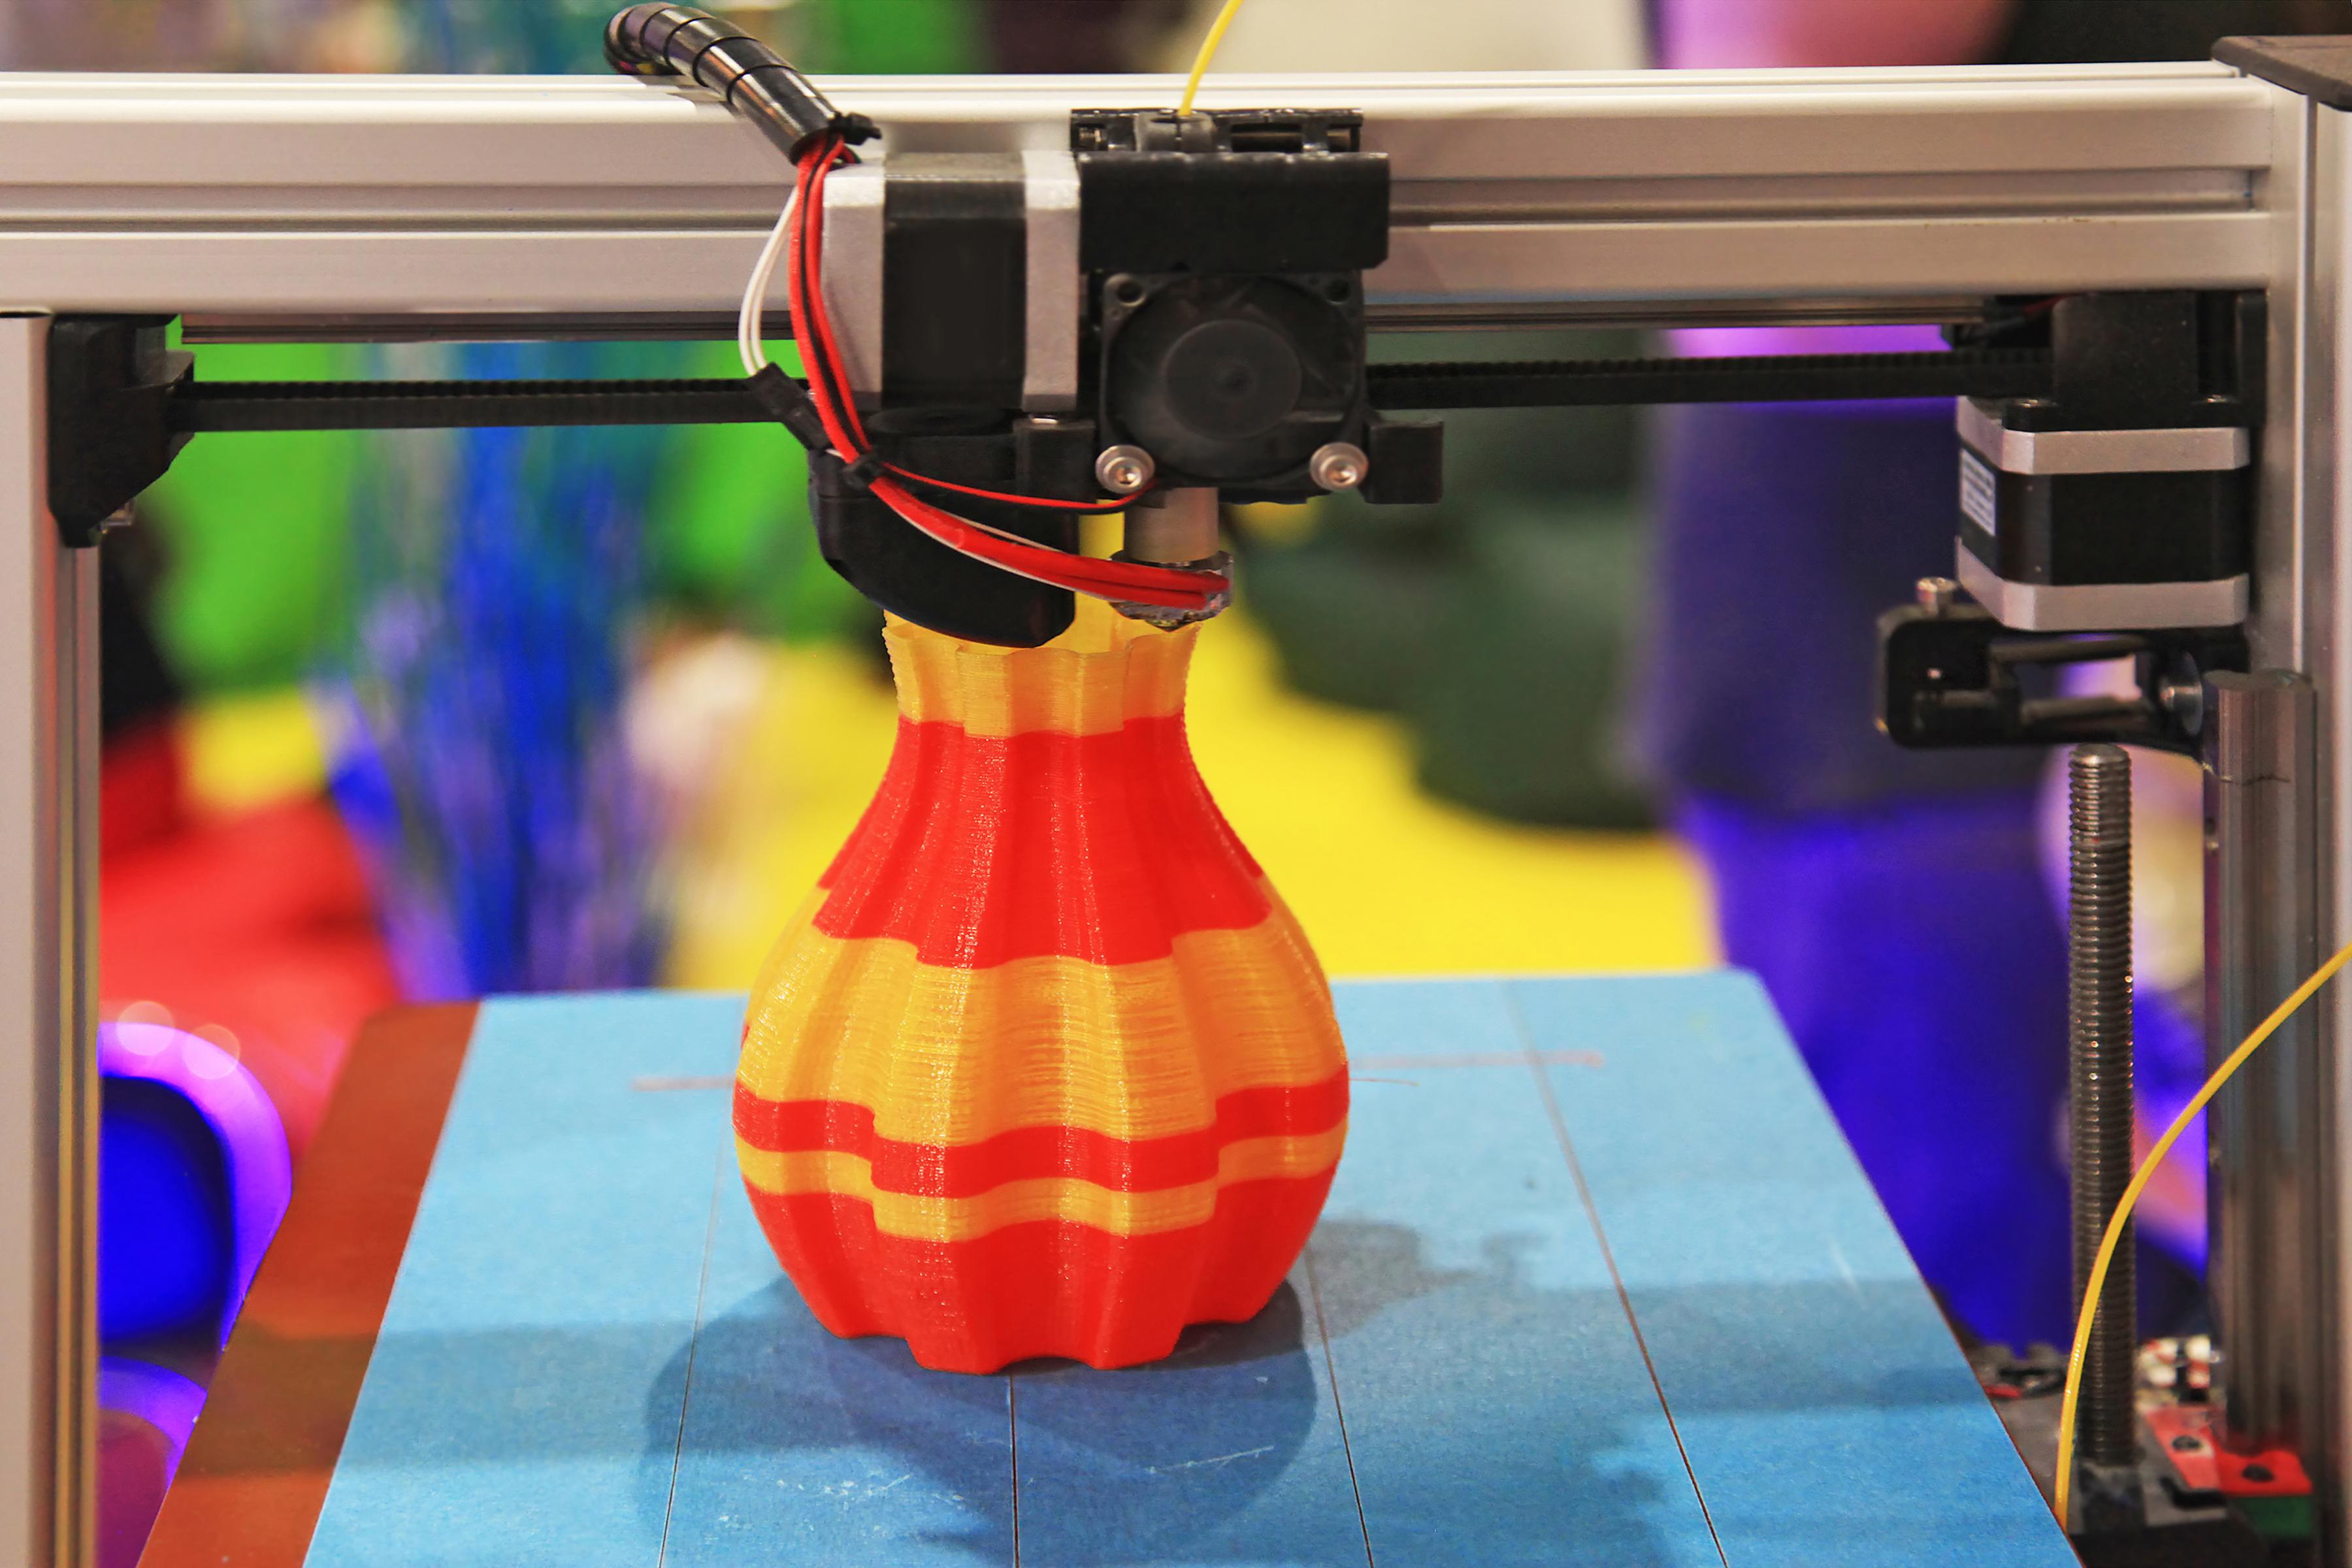 3D printing enters a new era